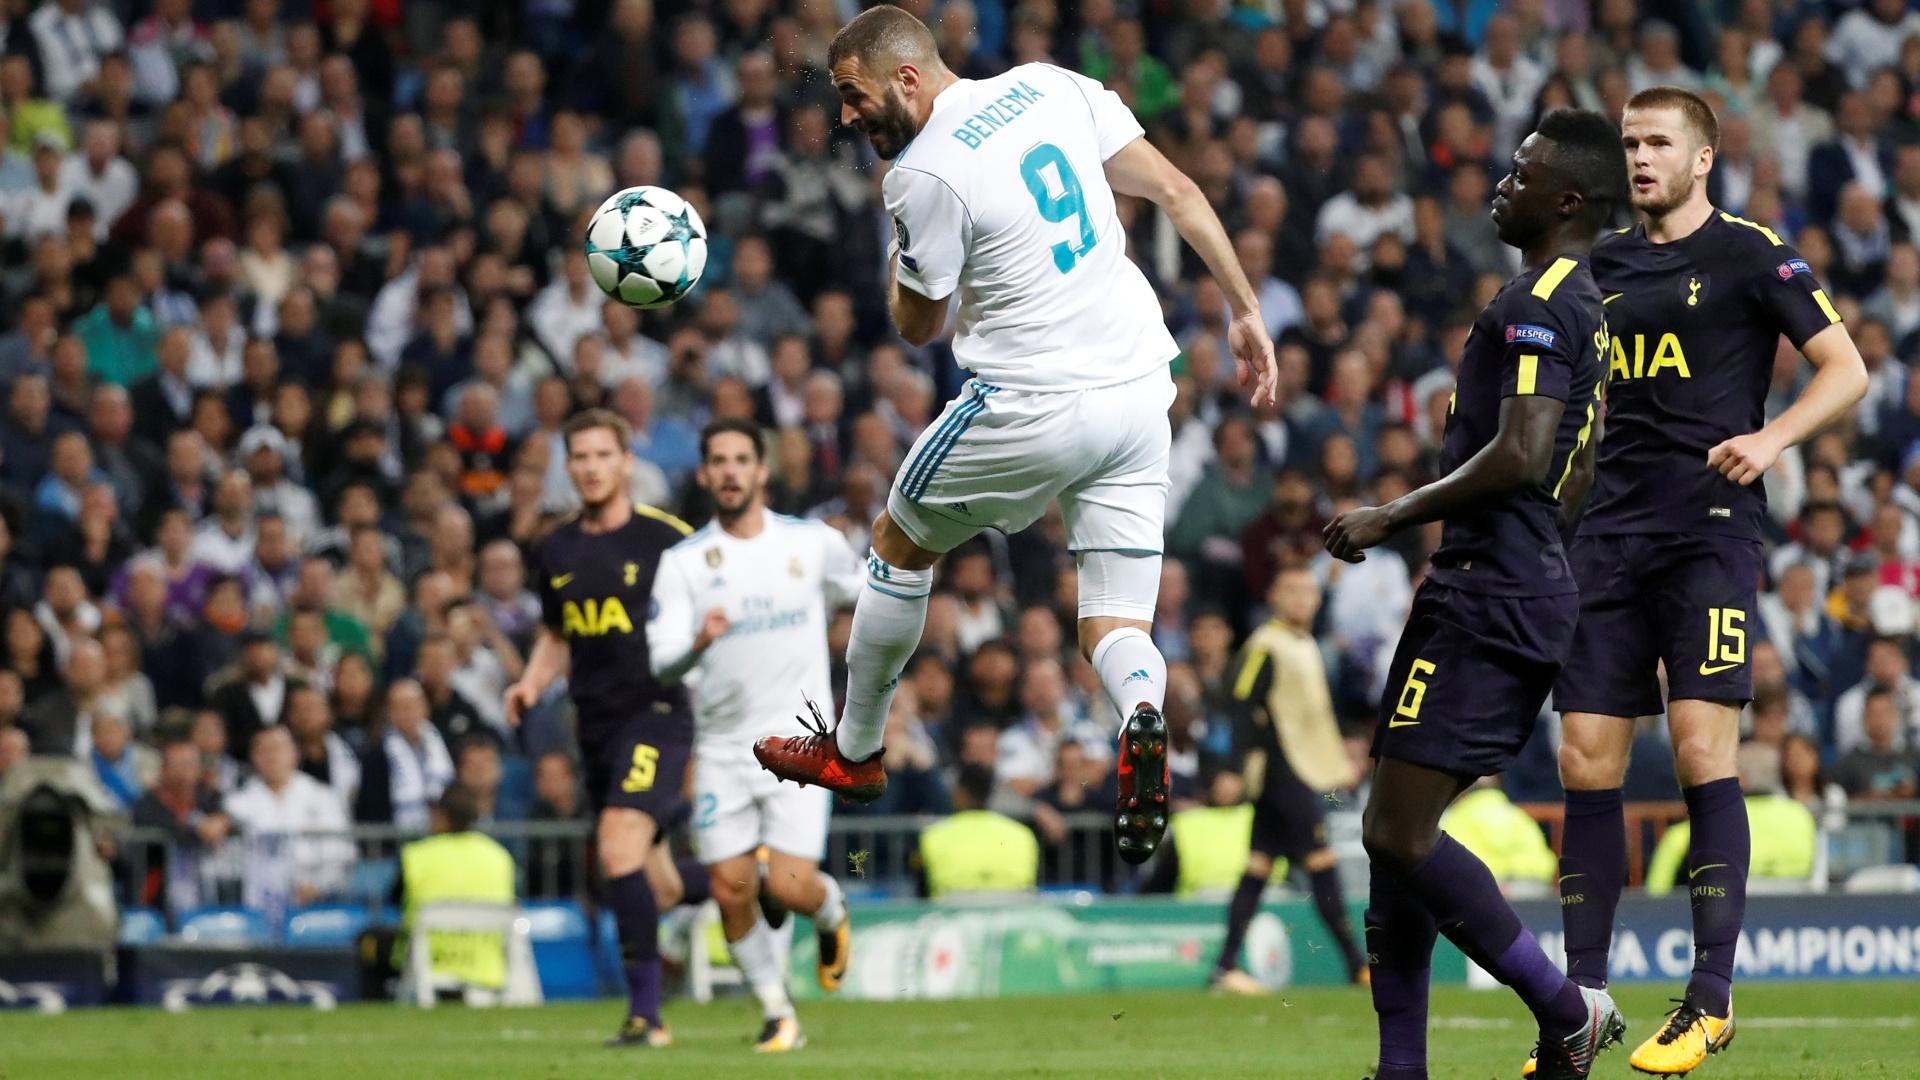 Benzema cabeceia no jogo entre Real Madrid e Tottenham